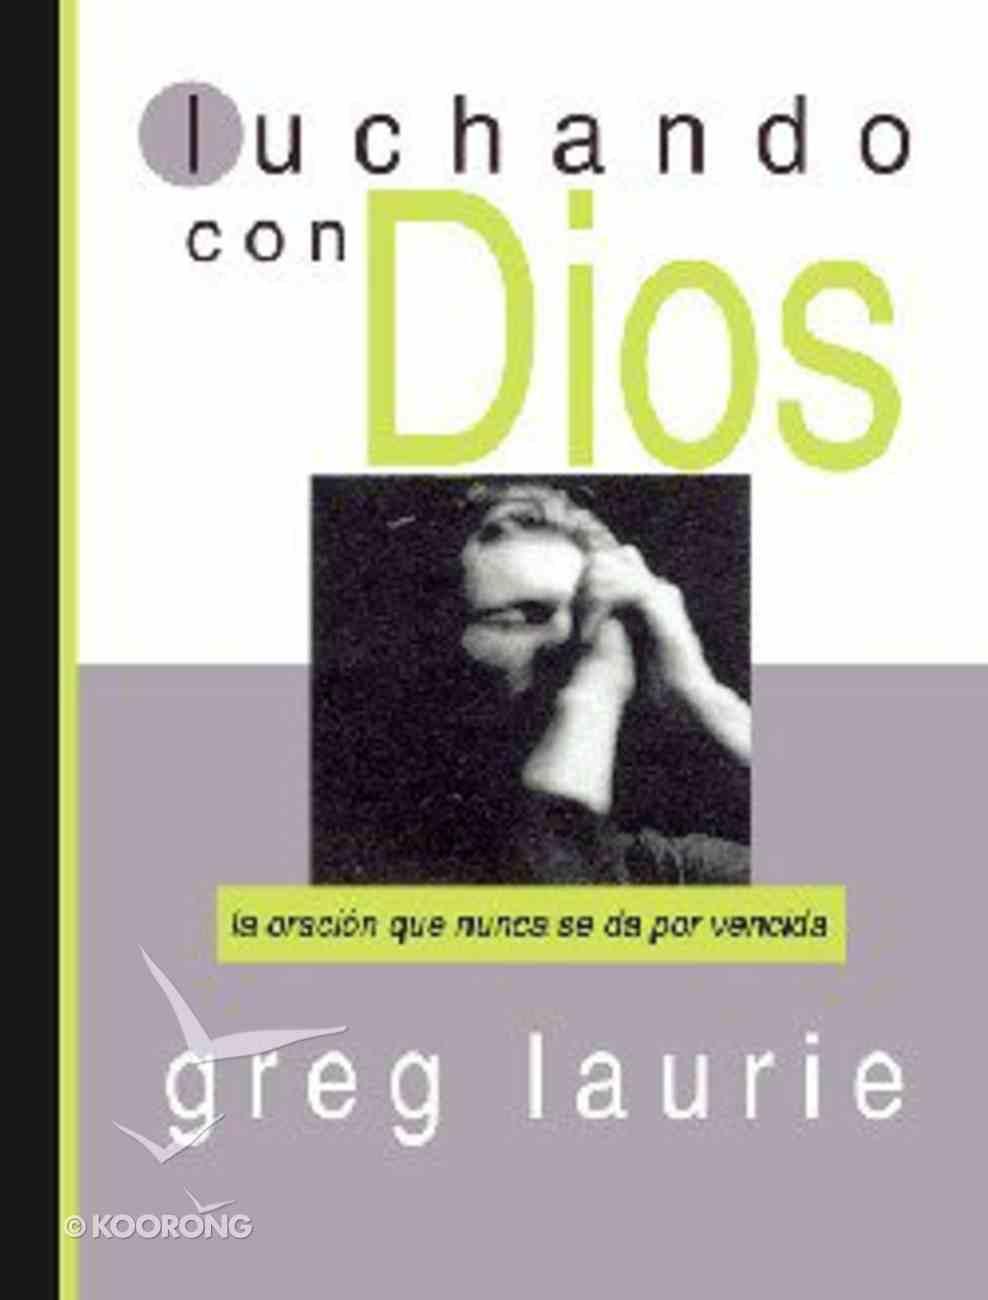 Luchando Con Dios (Wrestling With God) Hardback